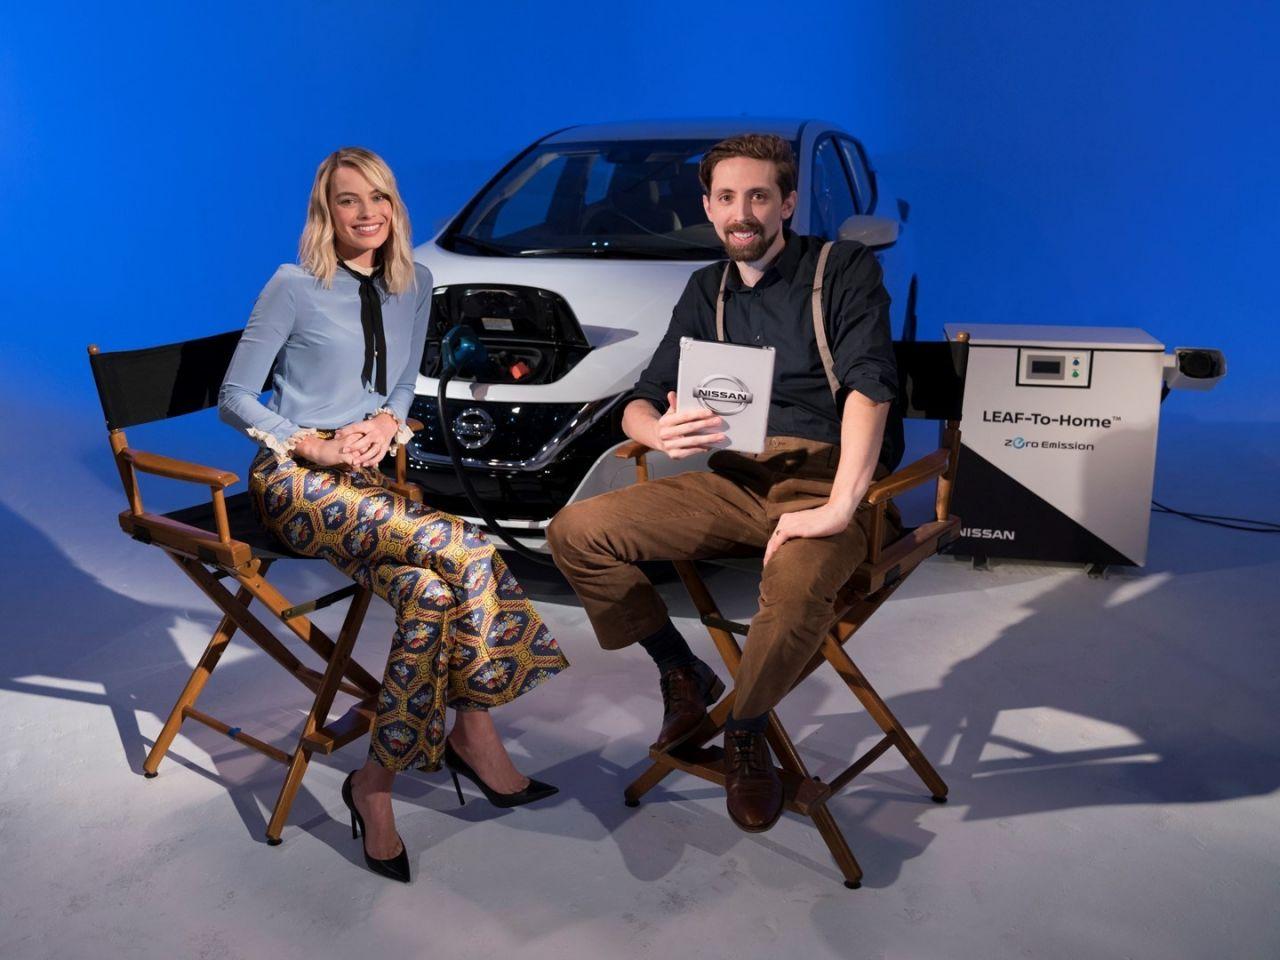 http://celebmafia.com/wp-content/uploads/2018/02/margot-robbie-confirms-new-formula-e-concept-livery-to-be-revealed-at-geneva-motor-show-0.jpg